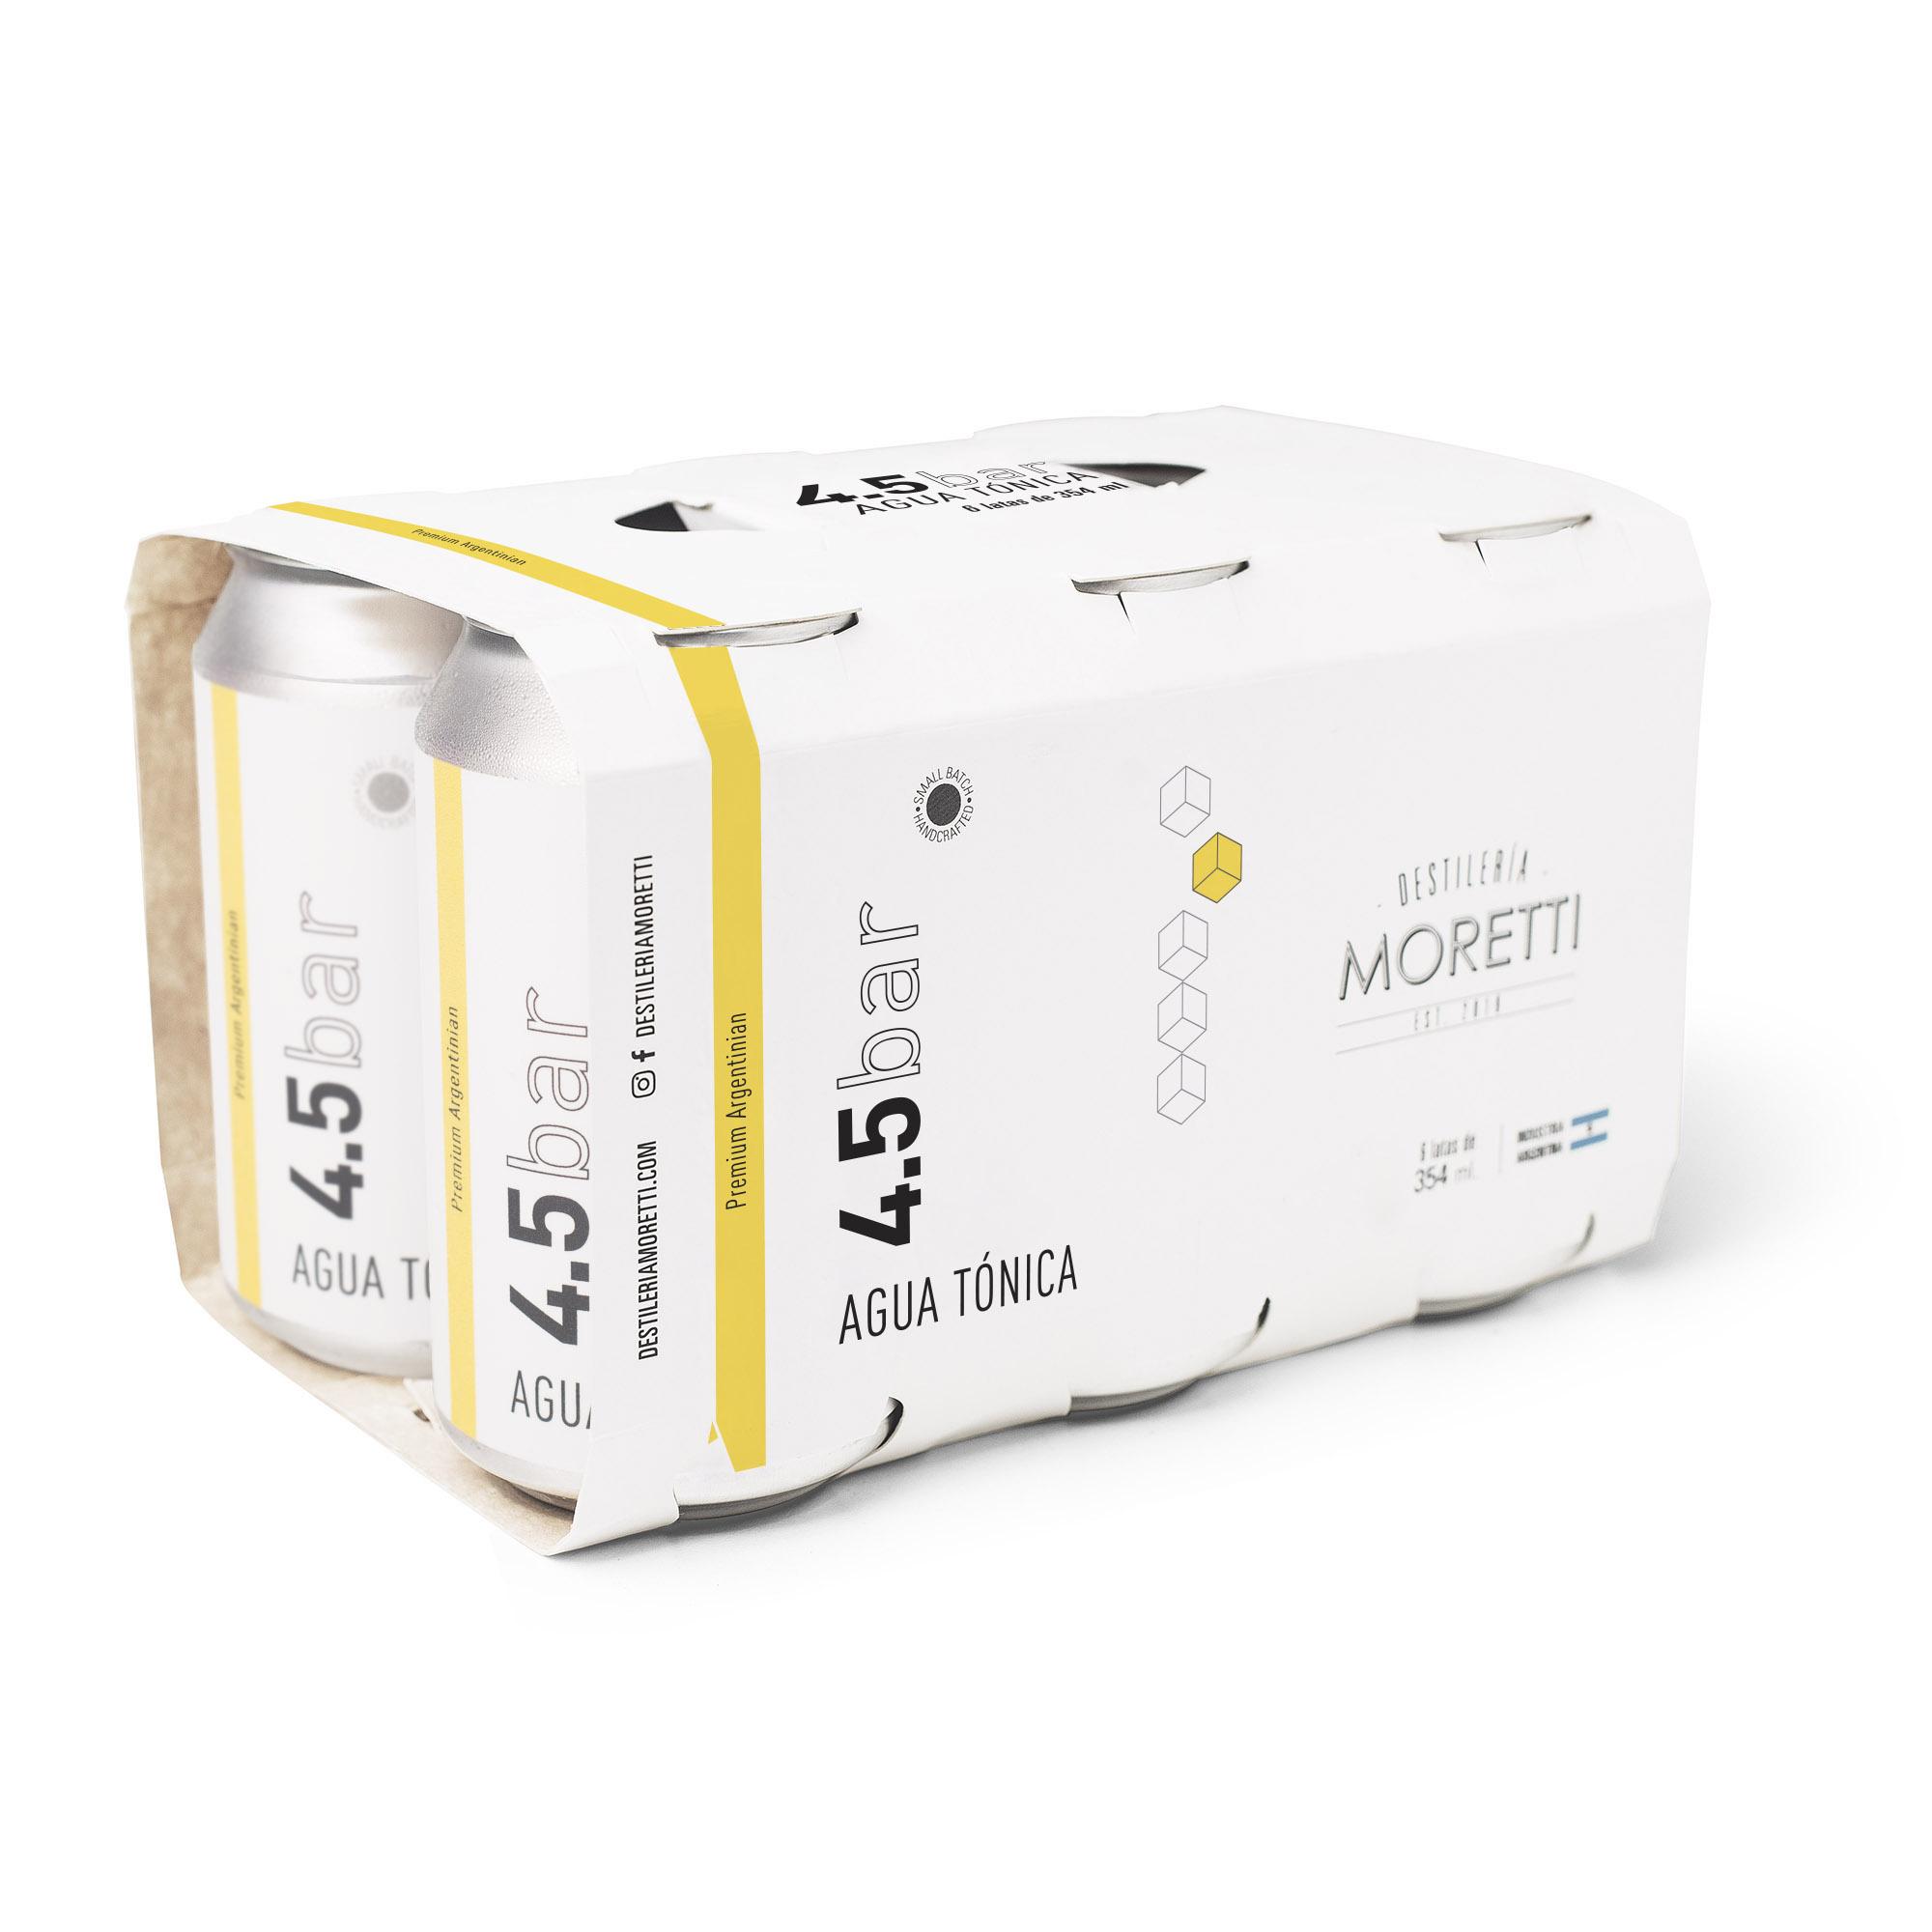 Agua Tónica 4.5 BAR Moretti